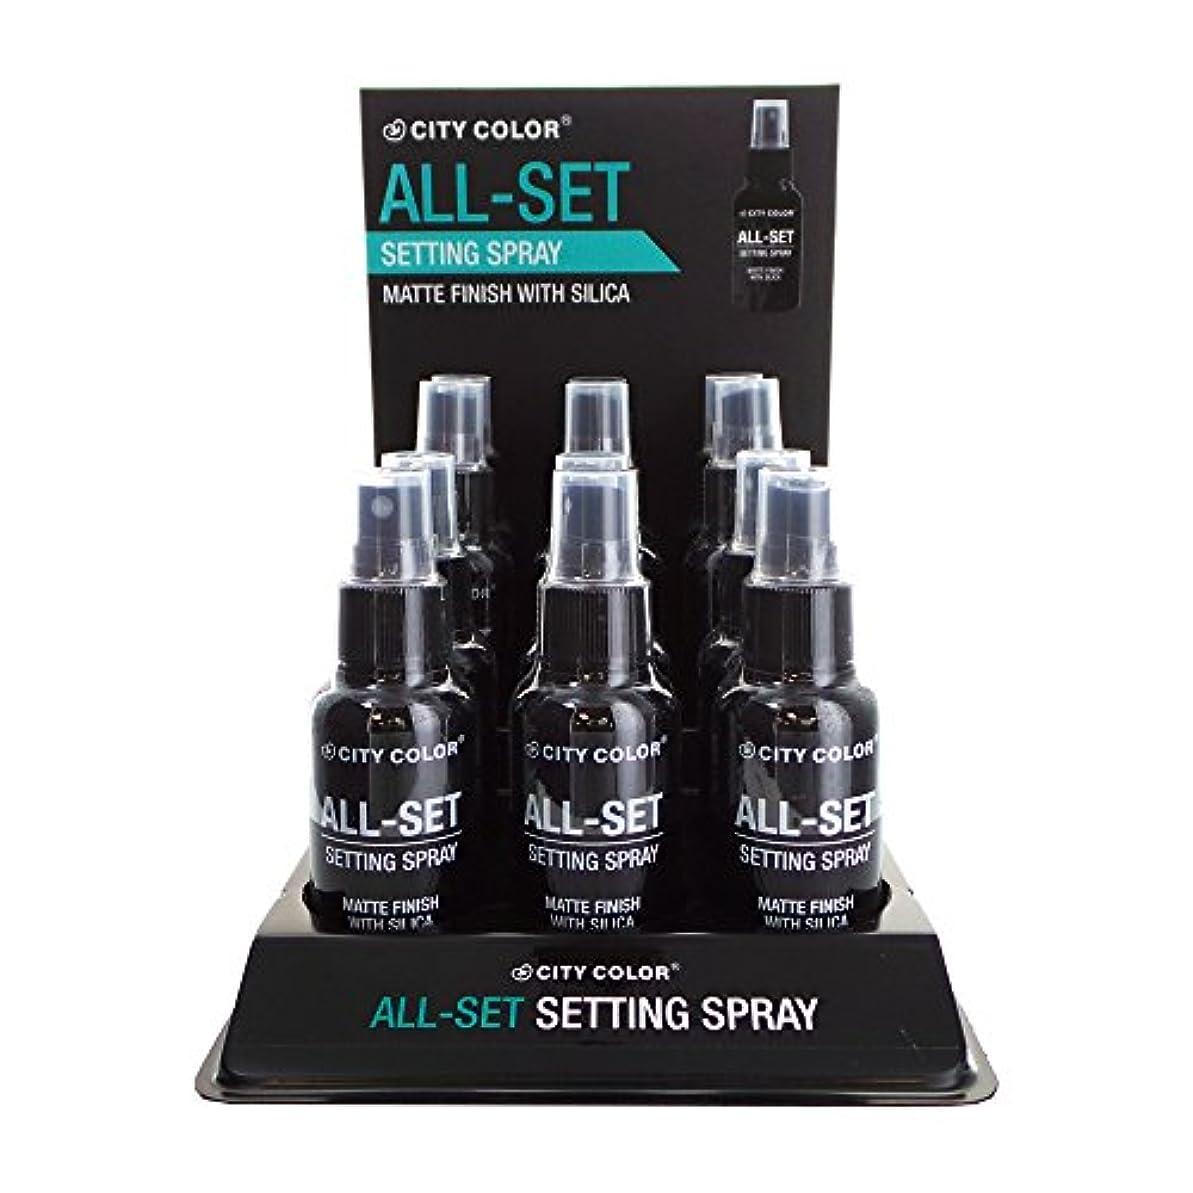 憎しみペアビリーヤギCITY COLOR All-Set Setting Spray Display Set, 12 Pieces (並行輸入品)